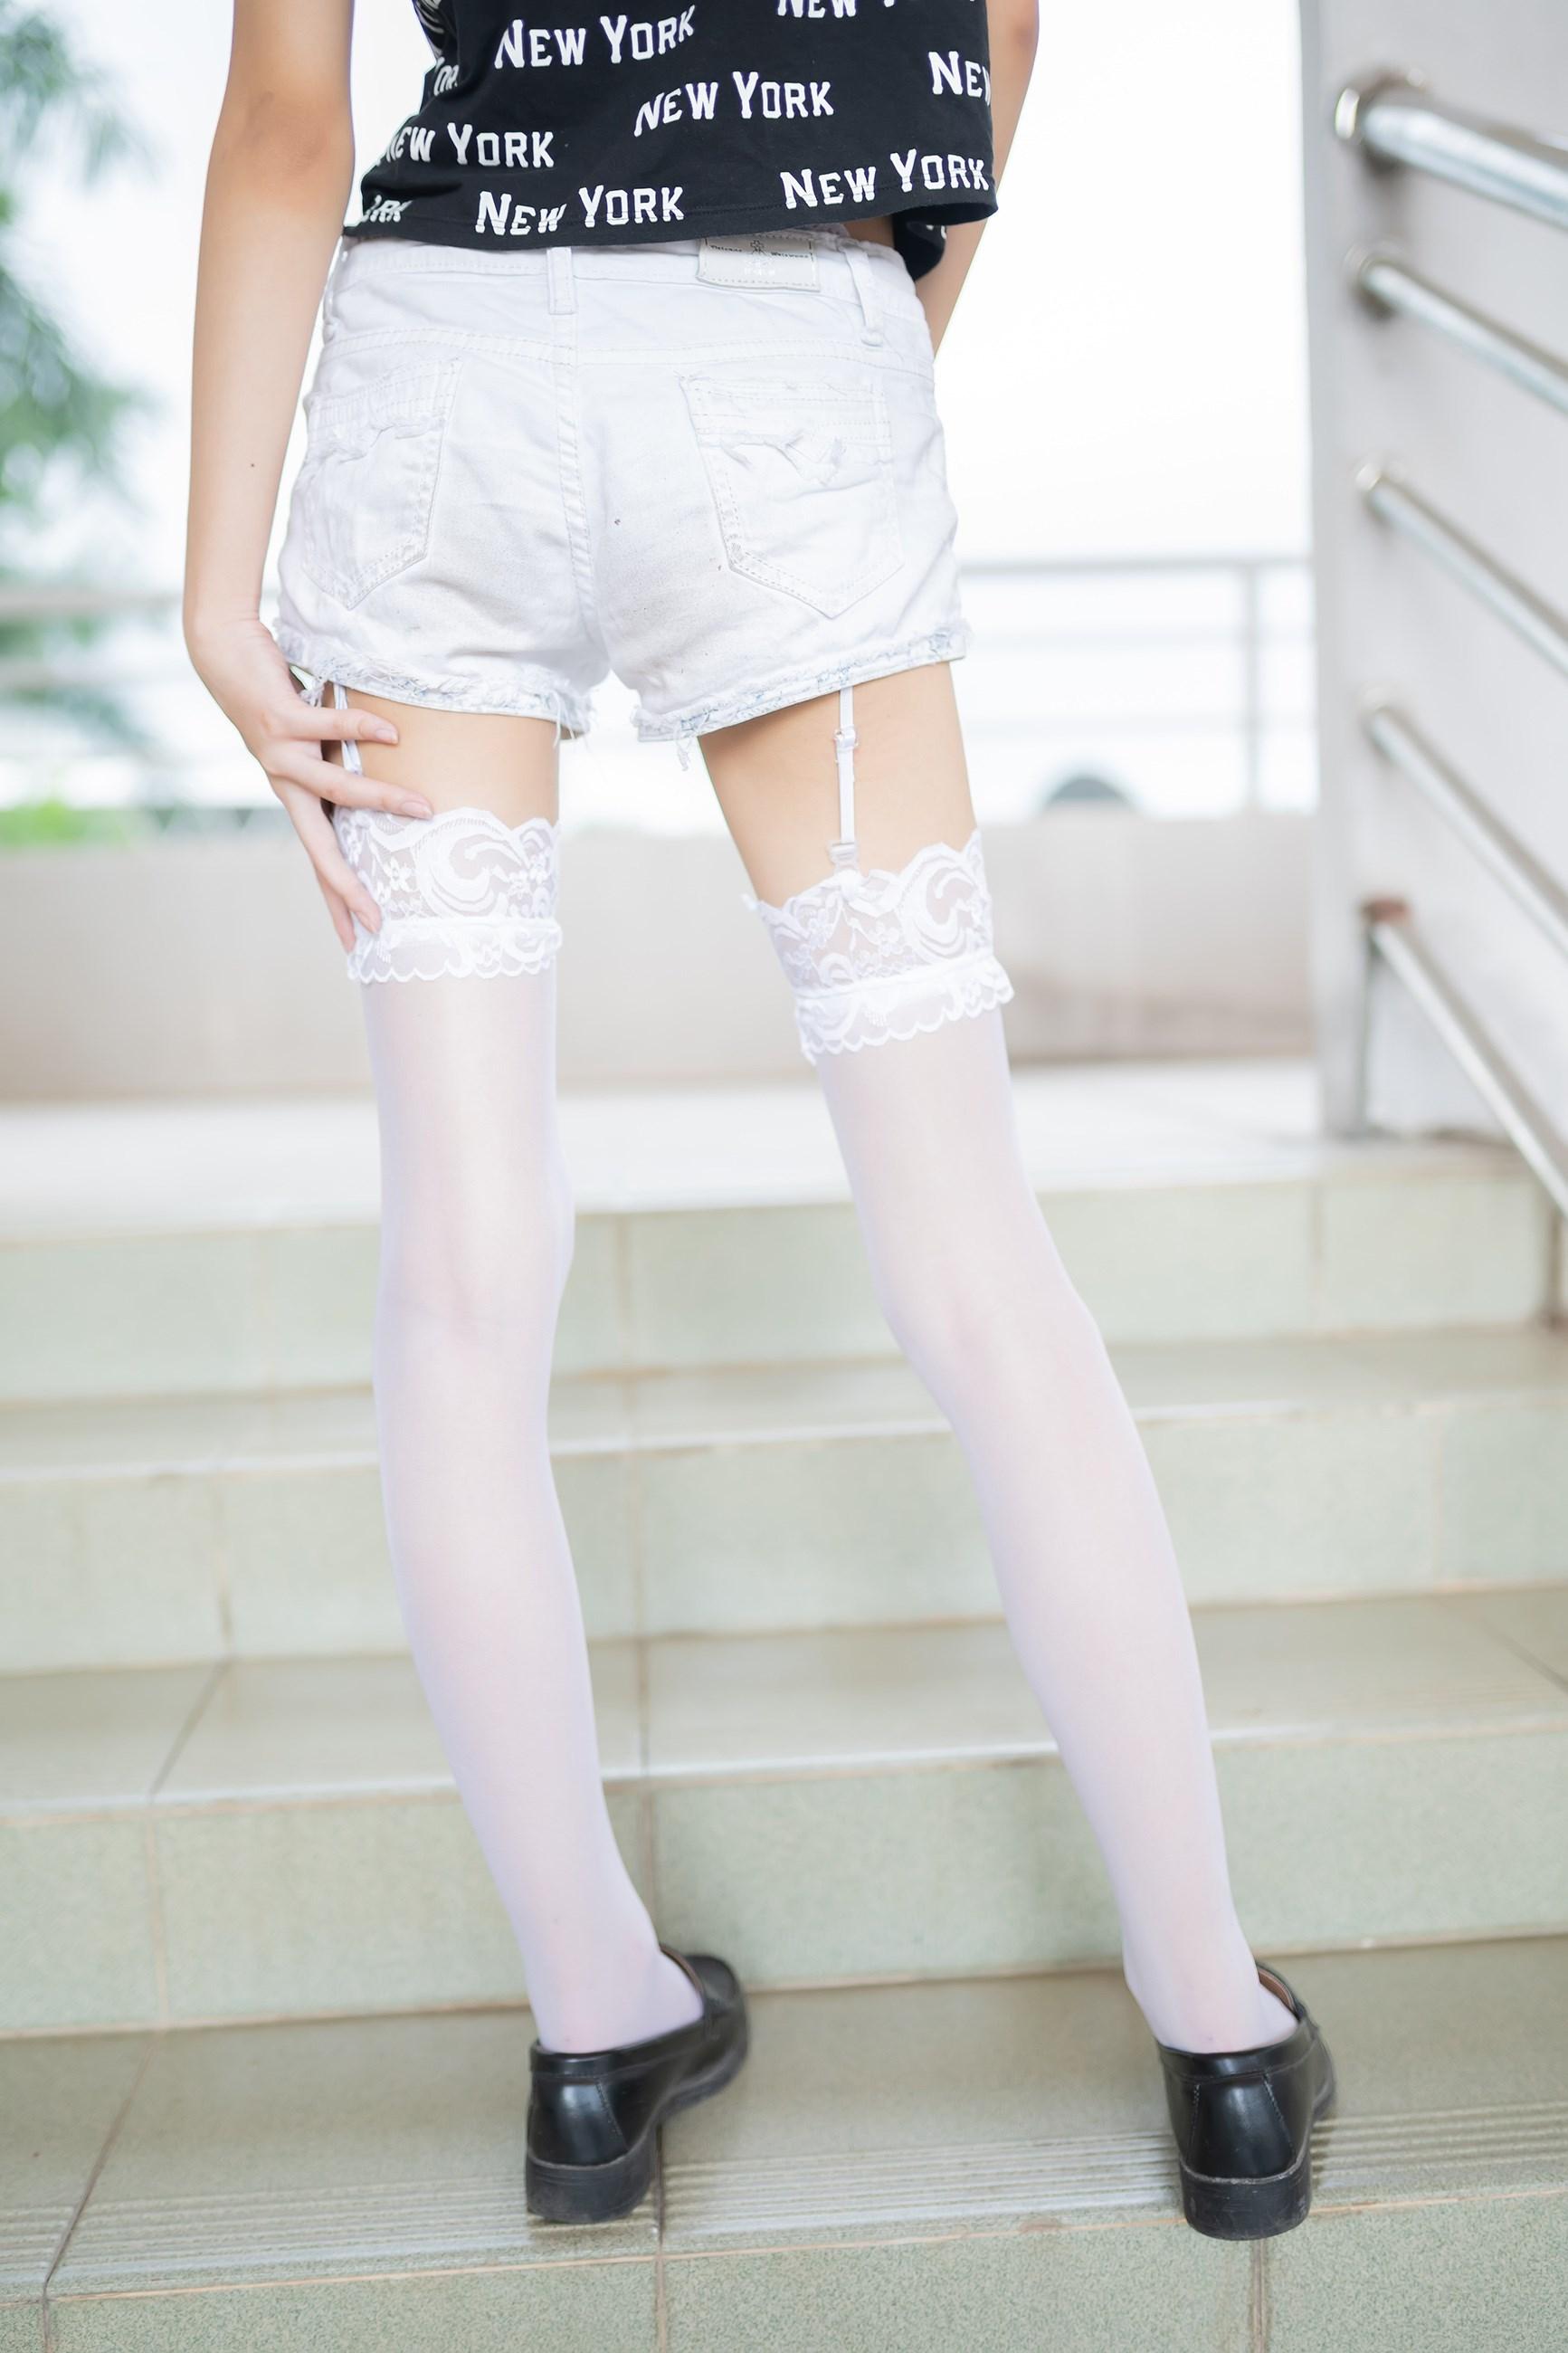 【兔玩映画】白丝吊带袜 兔玩映画 第46张